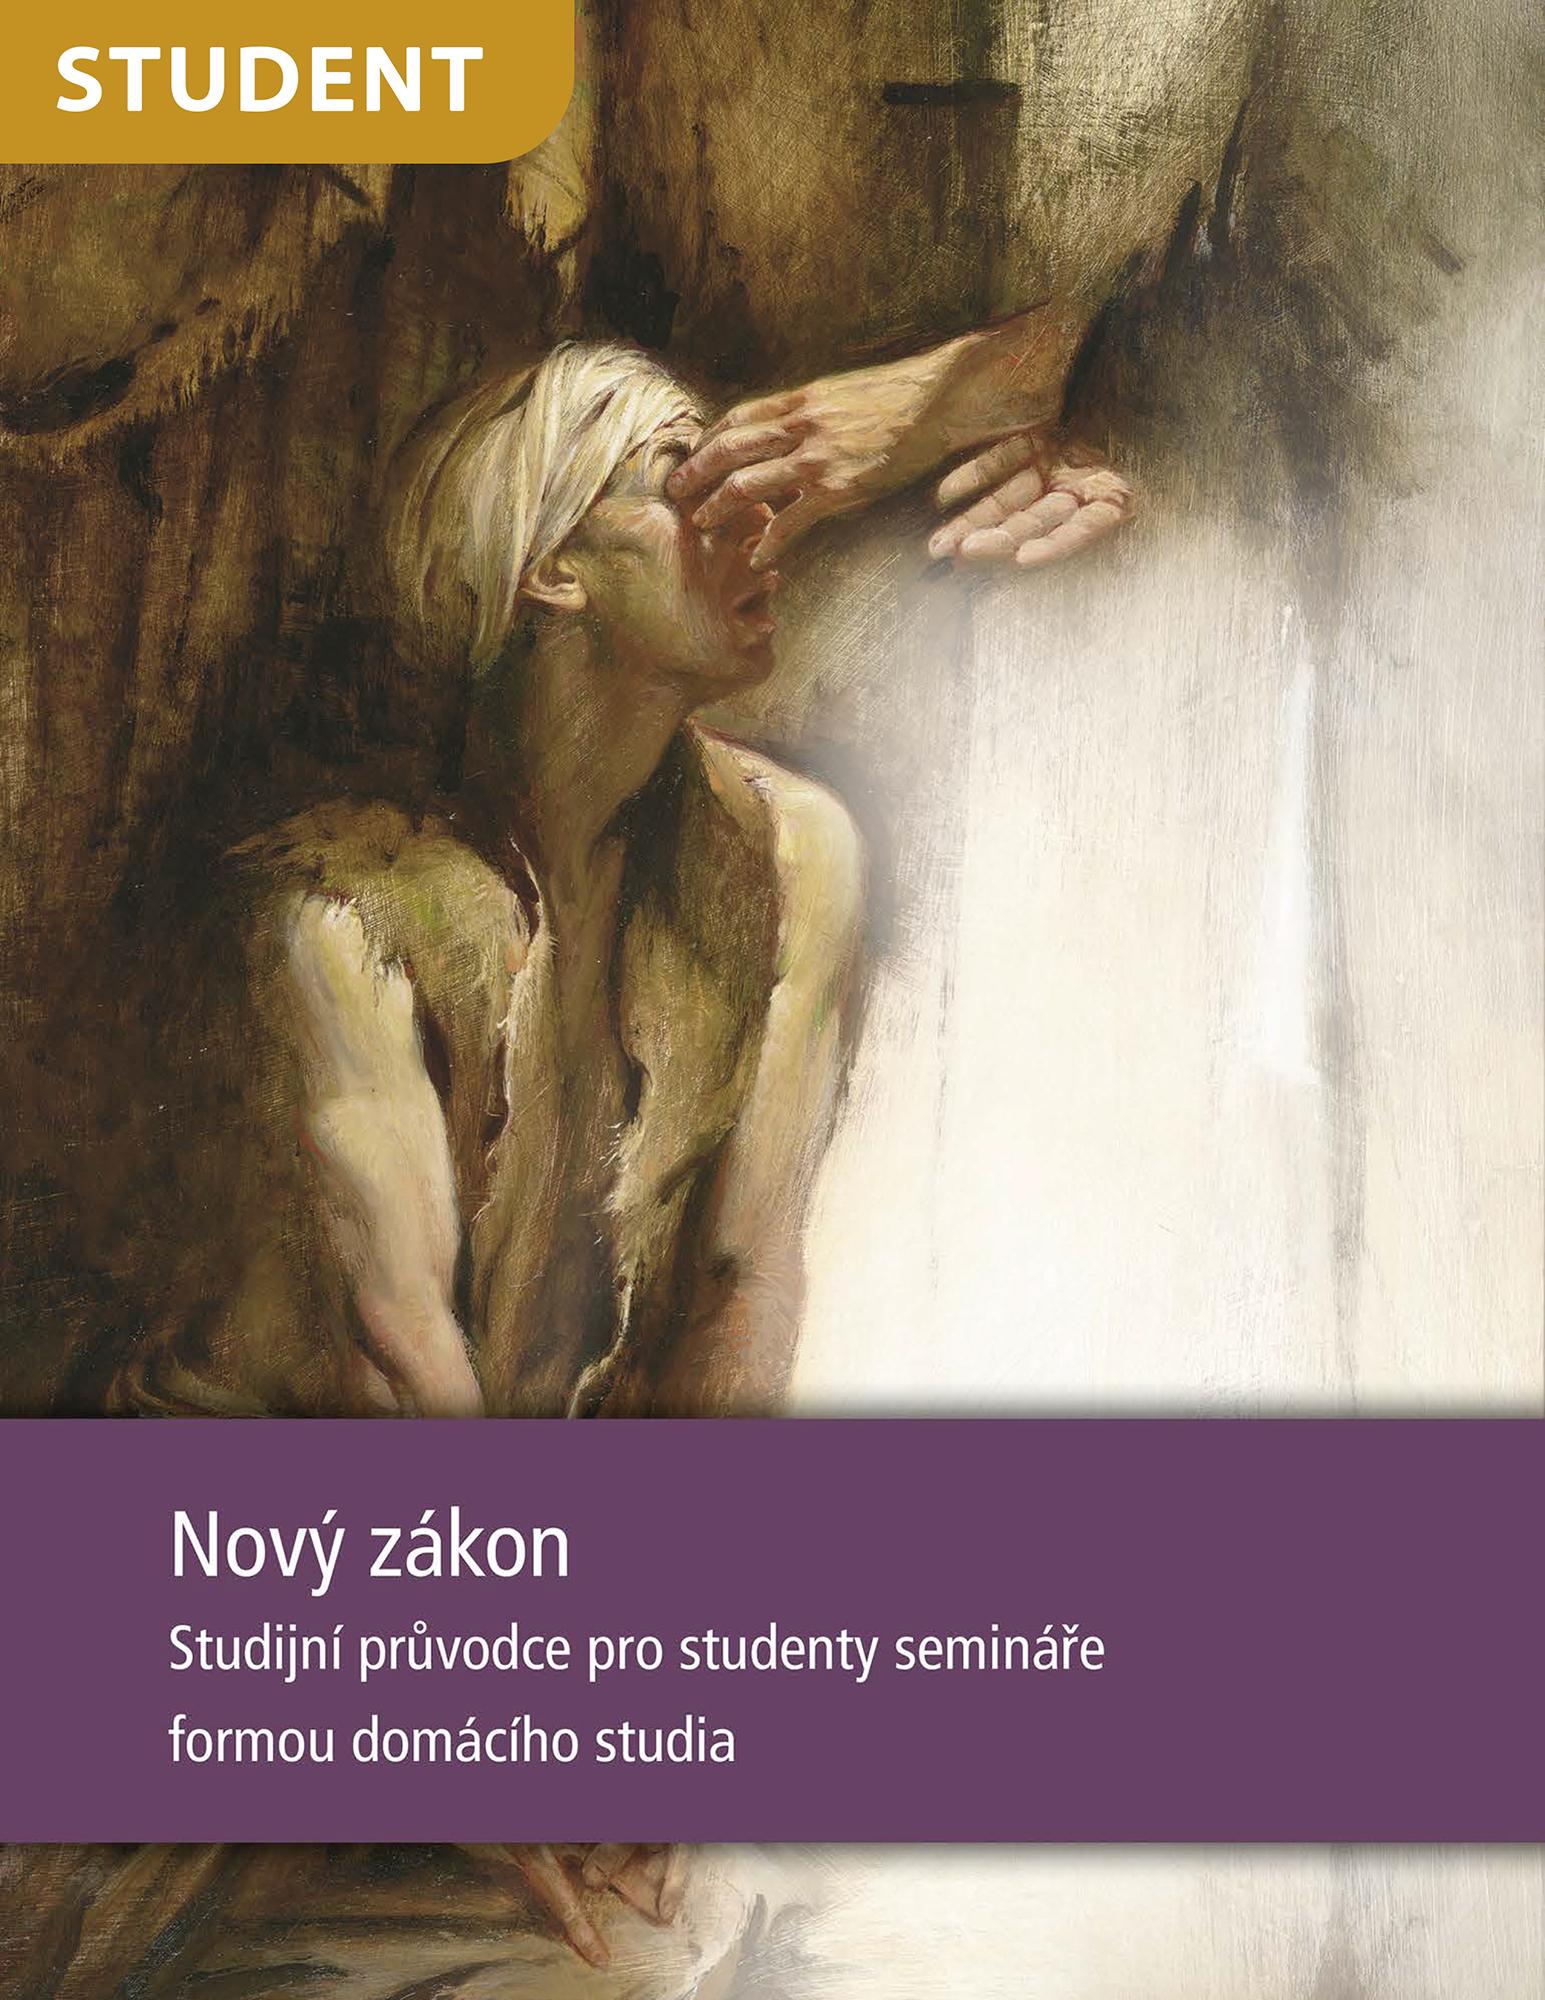 Nový zákon – studijní průvodce pro studenty semináře formou domácího studia